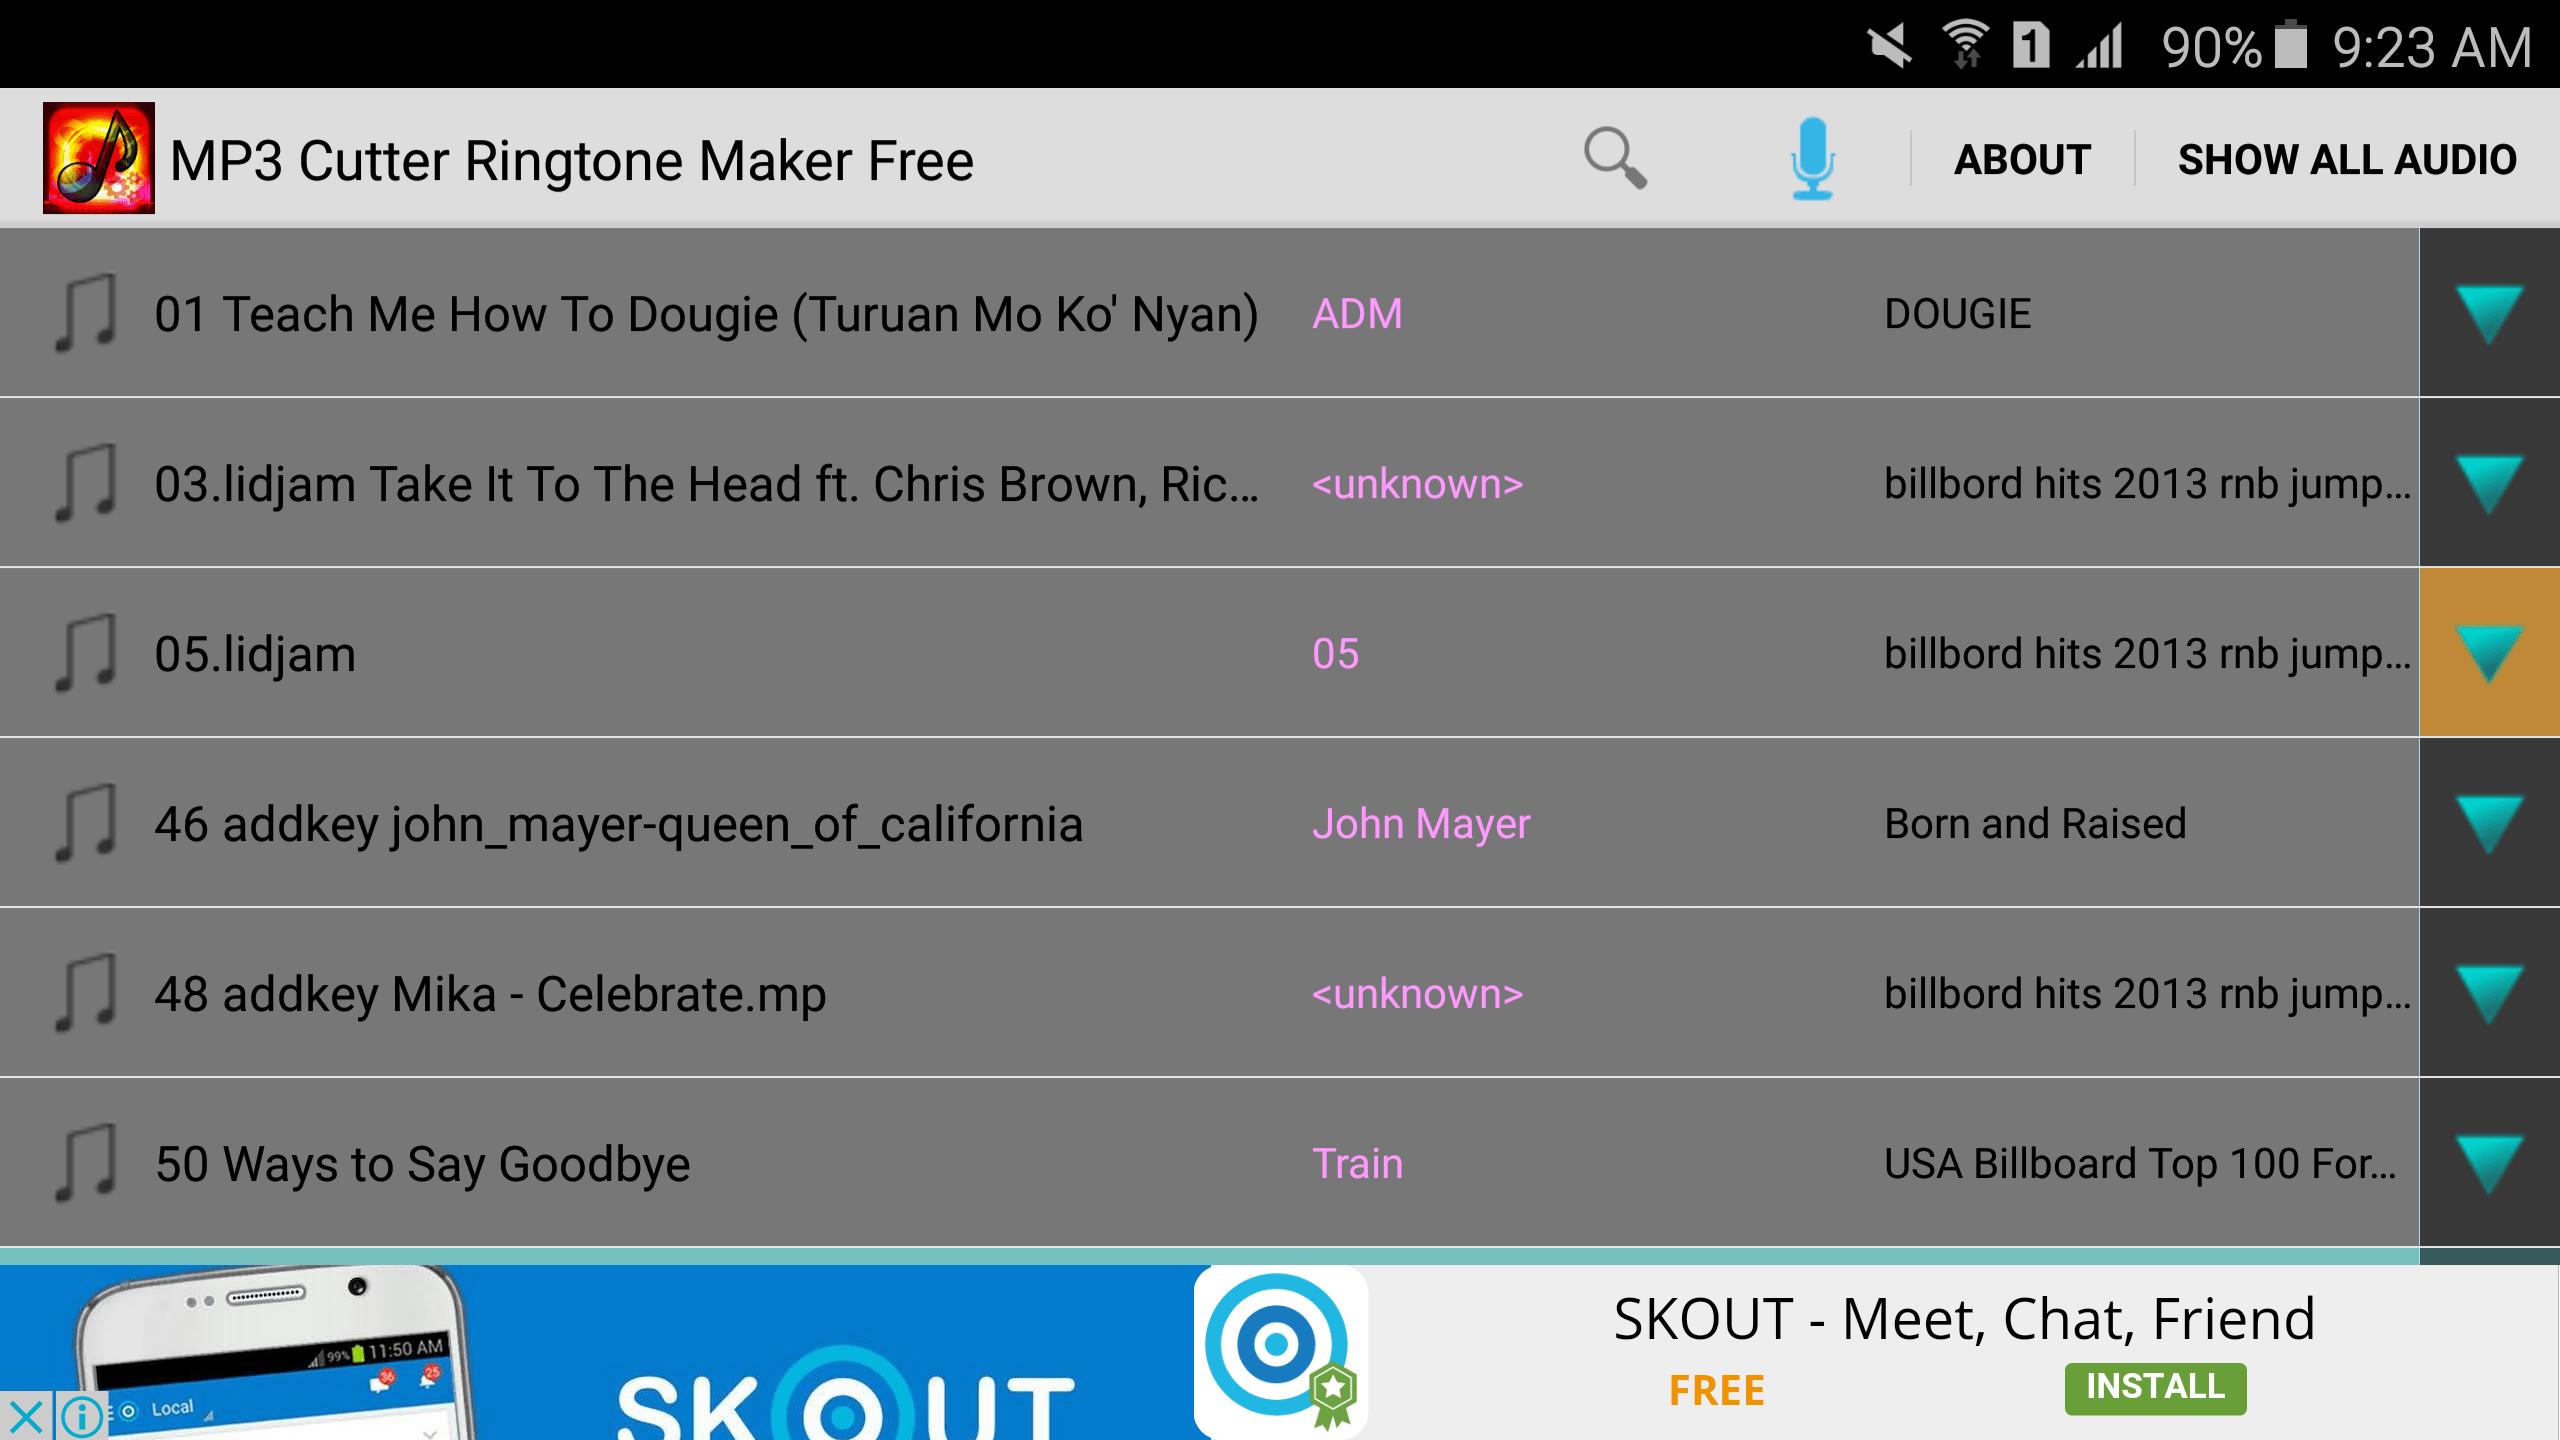 Best Ringtone Maker App For Iphone